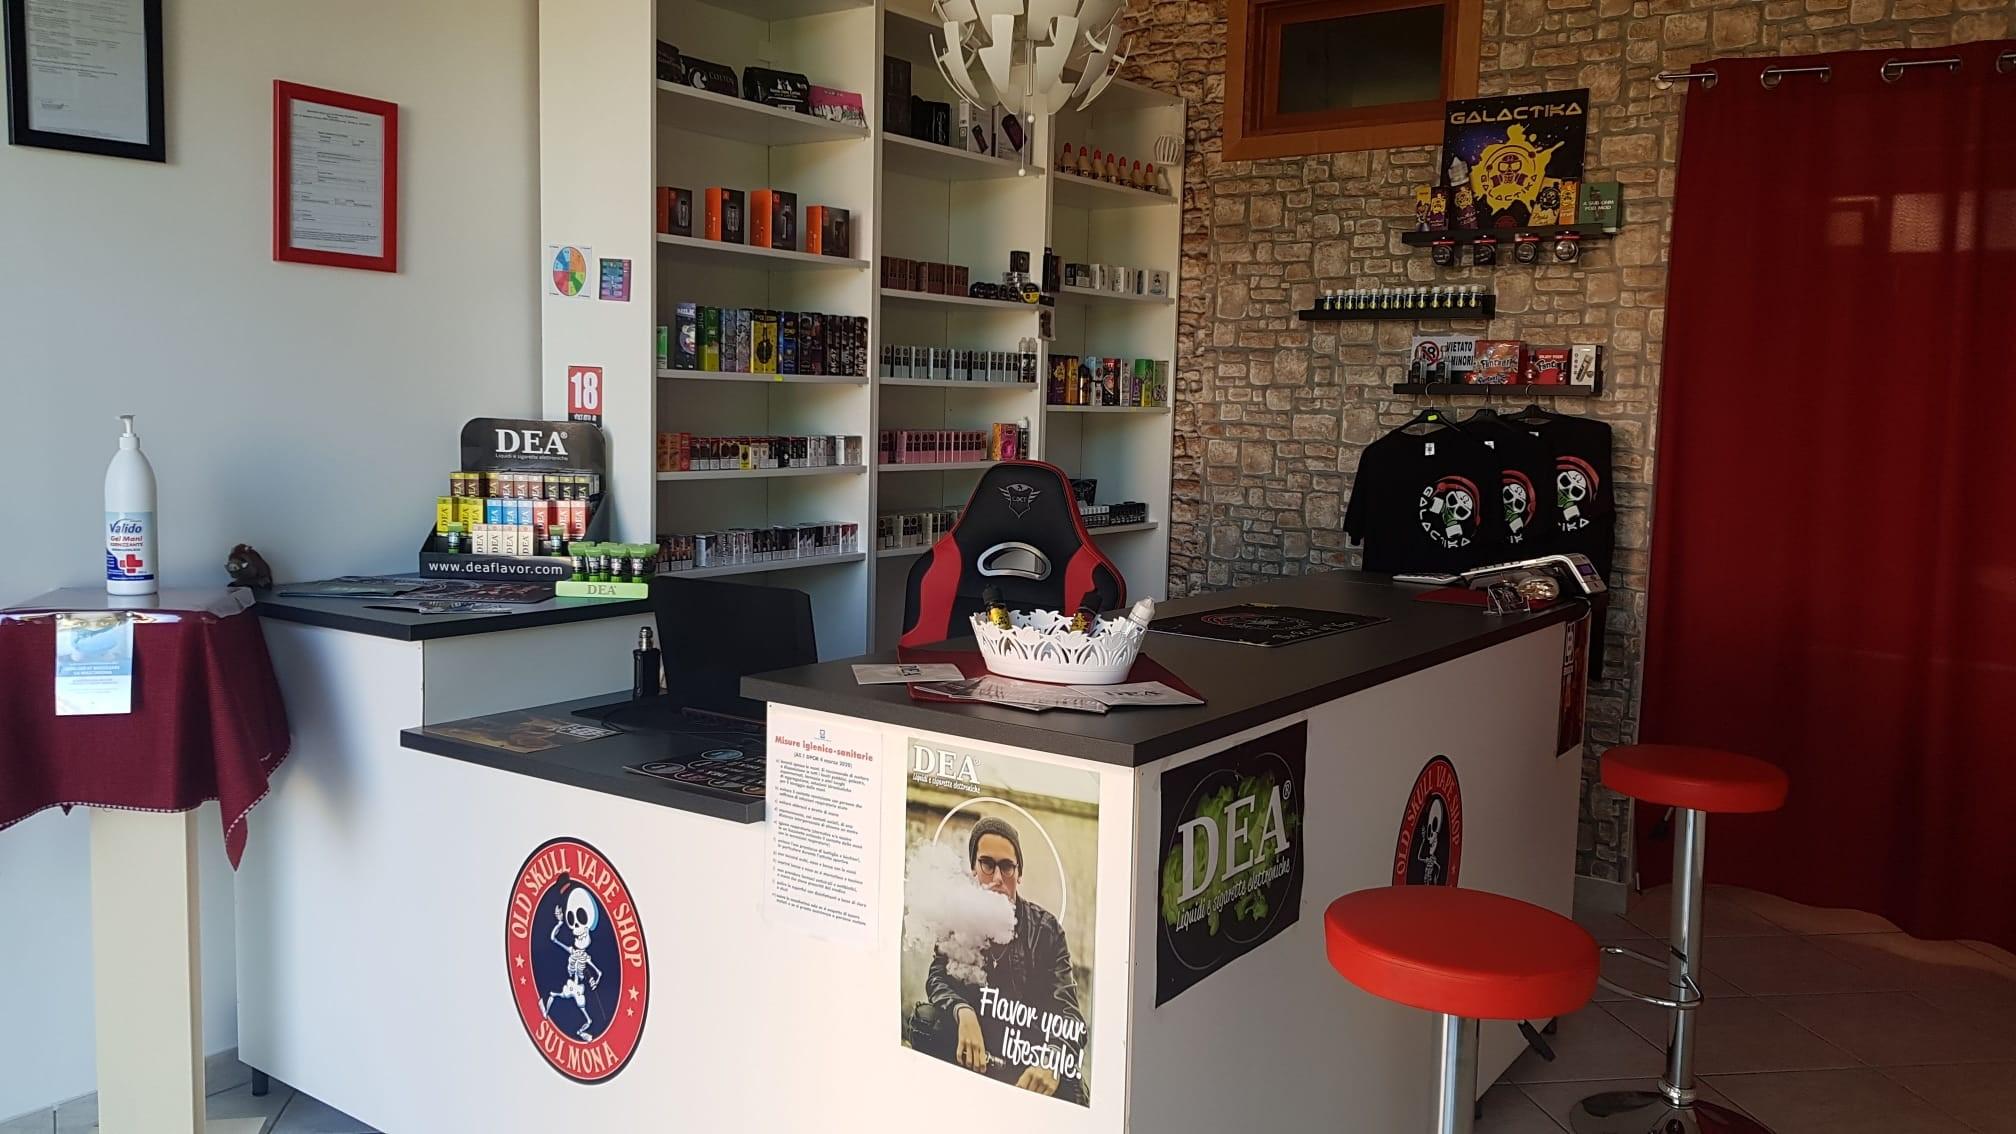 Negozio Sigarette Elettroniche Sulmona negozio sigarette elettroniche sulmona Negozio Sigarette Elettroniche Sulmona Old Skull Vape Shop Vetrina negozio di sigarette elettroniche 2